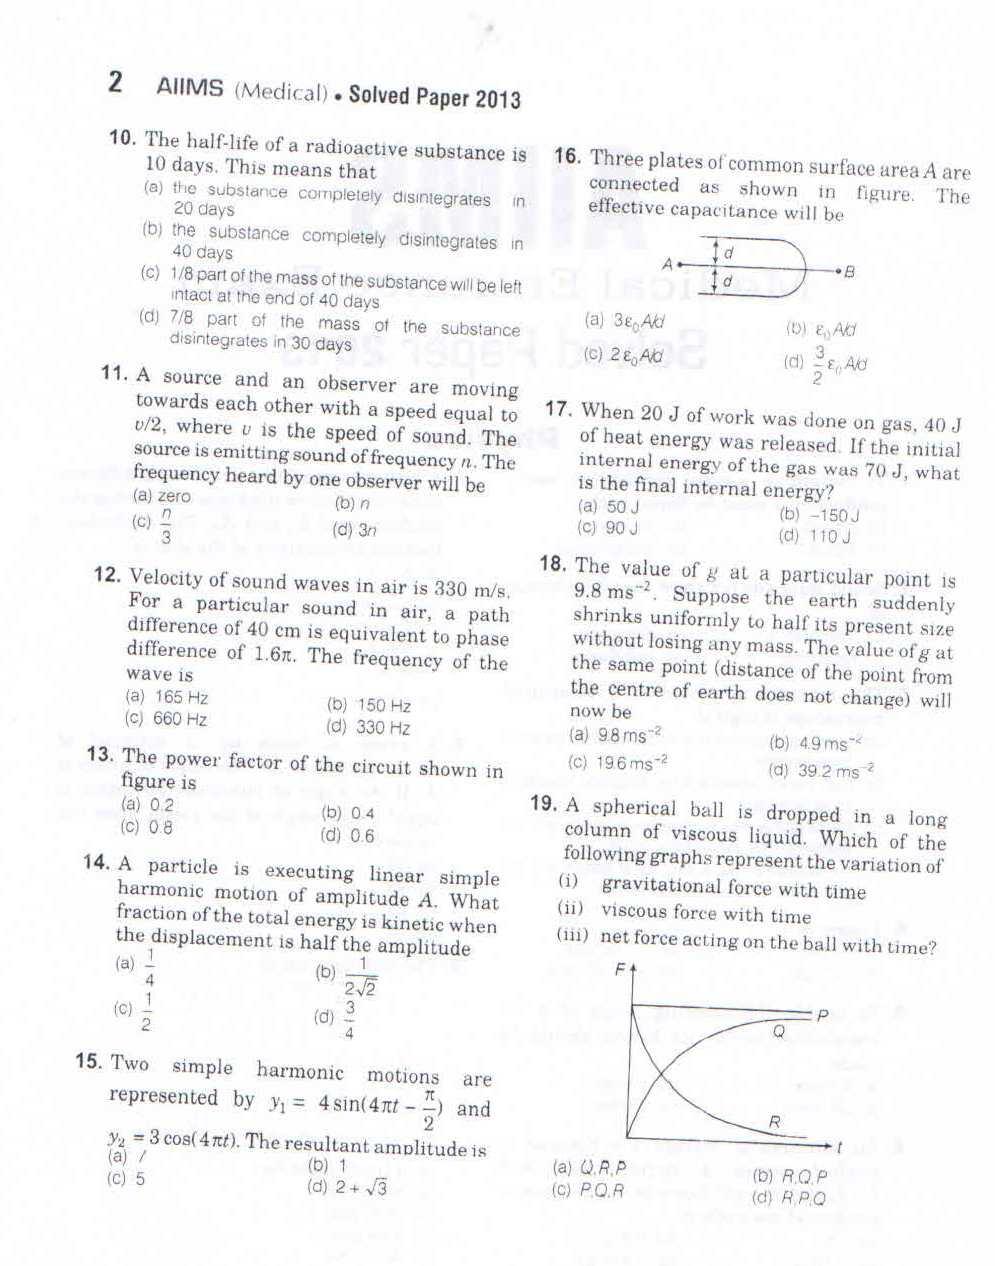 AIIMS Exam Question Paper - 2018 2019 EduVark